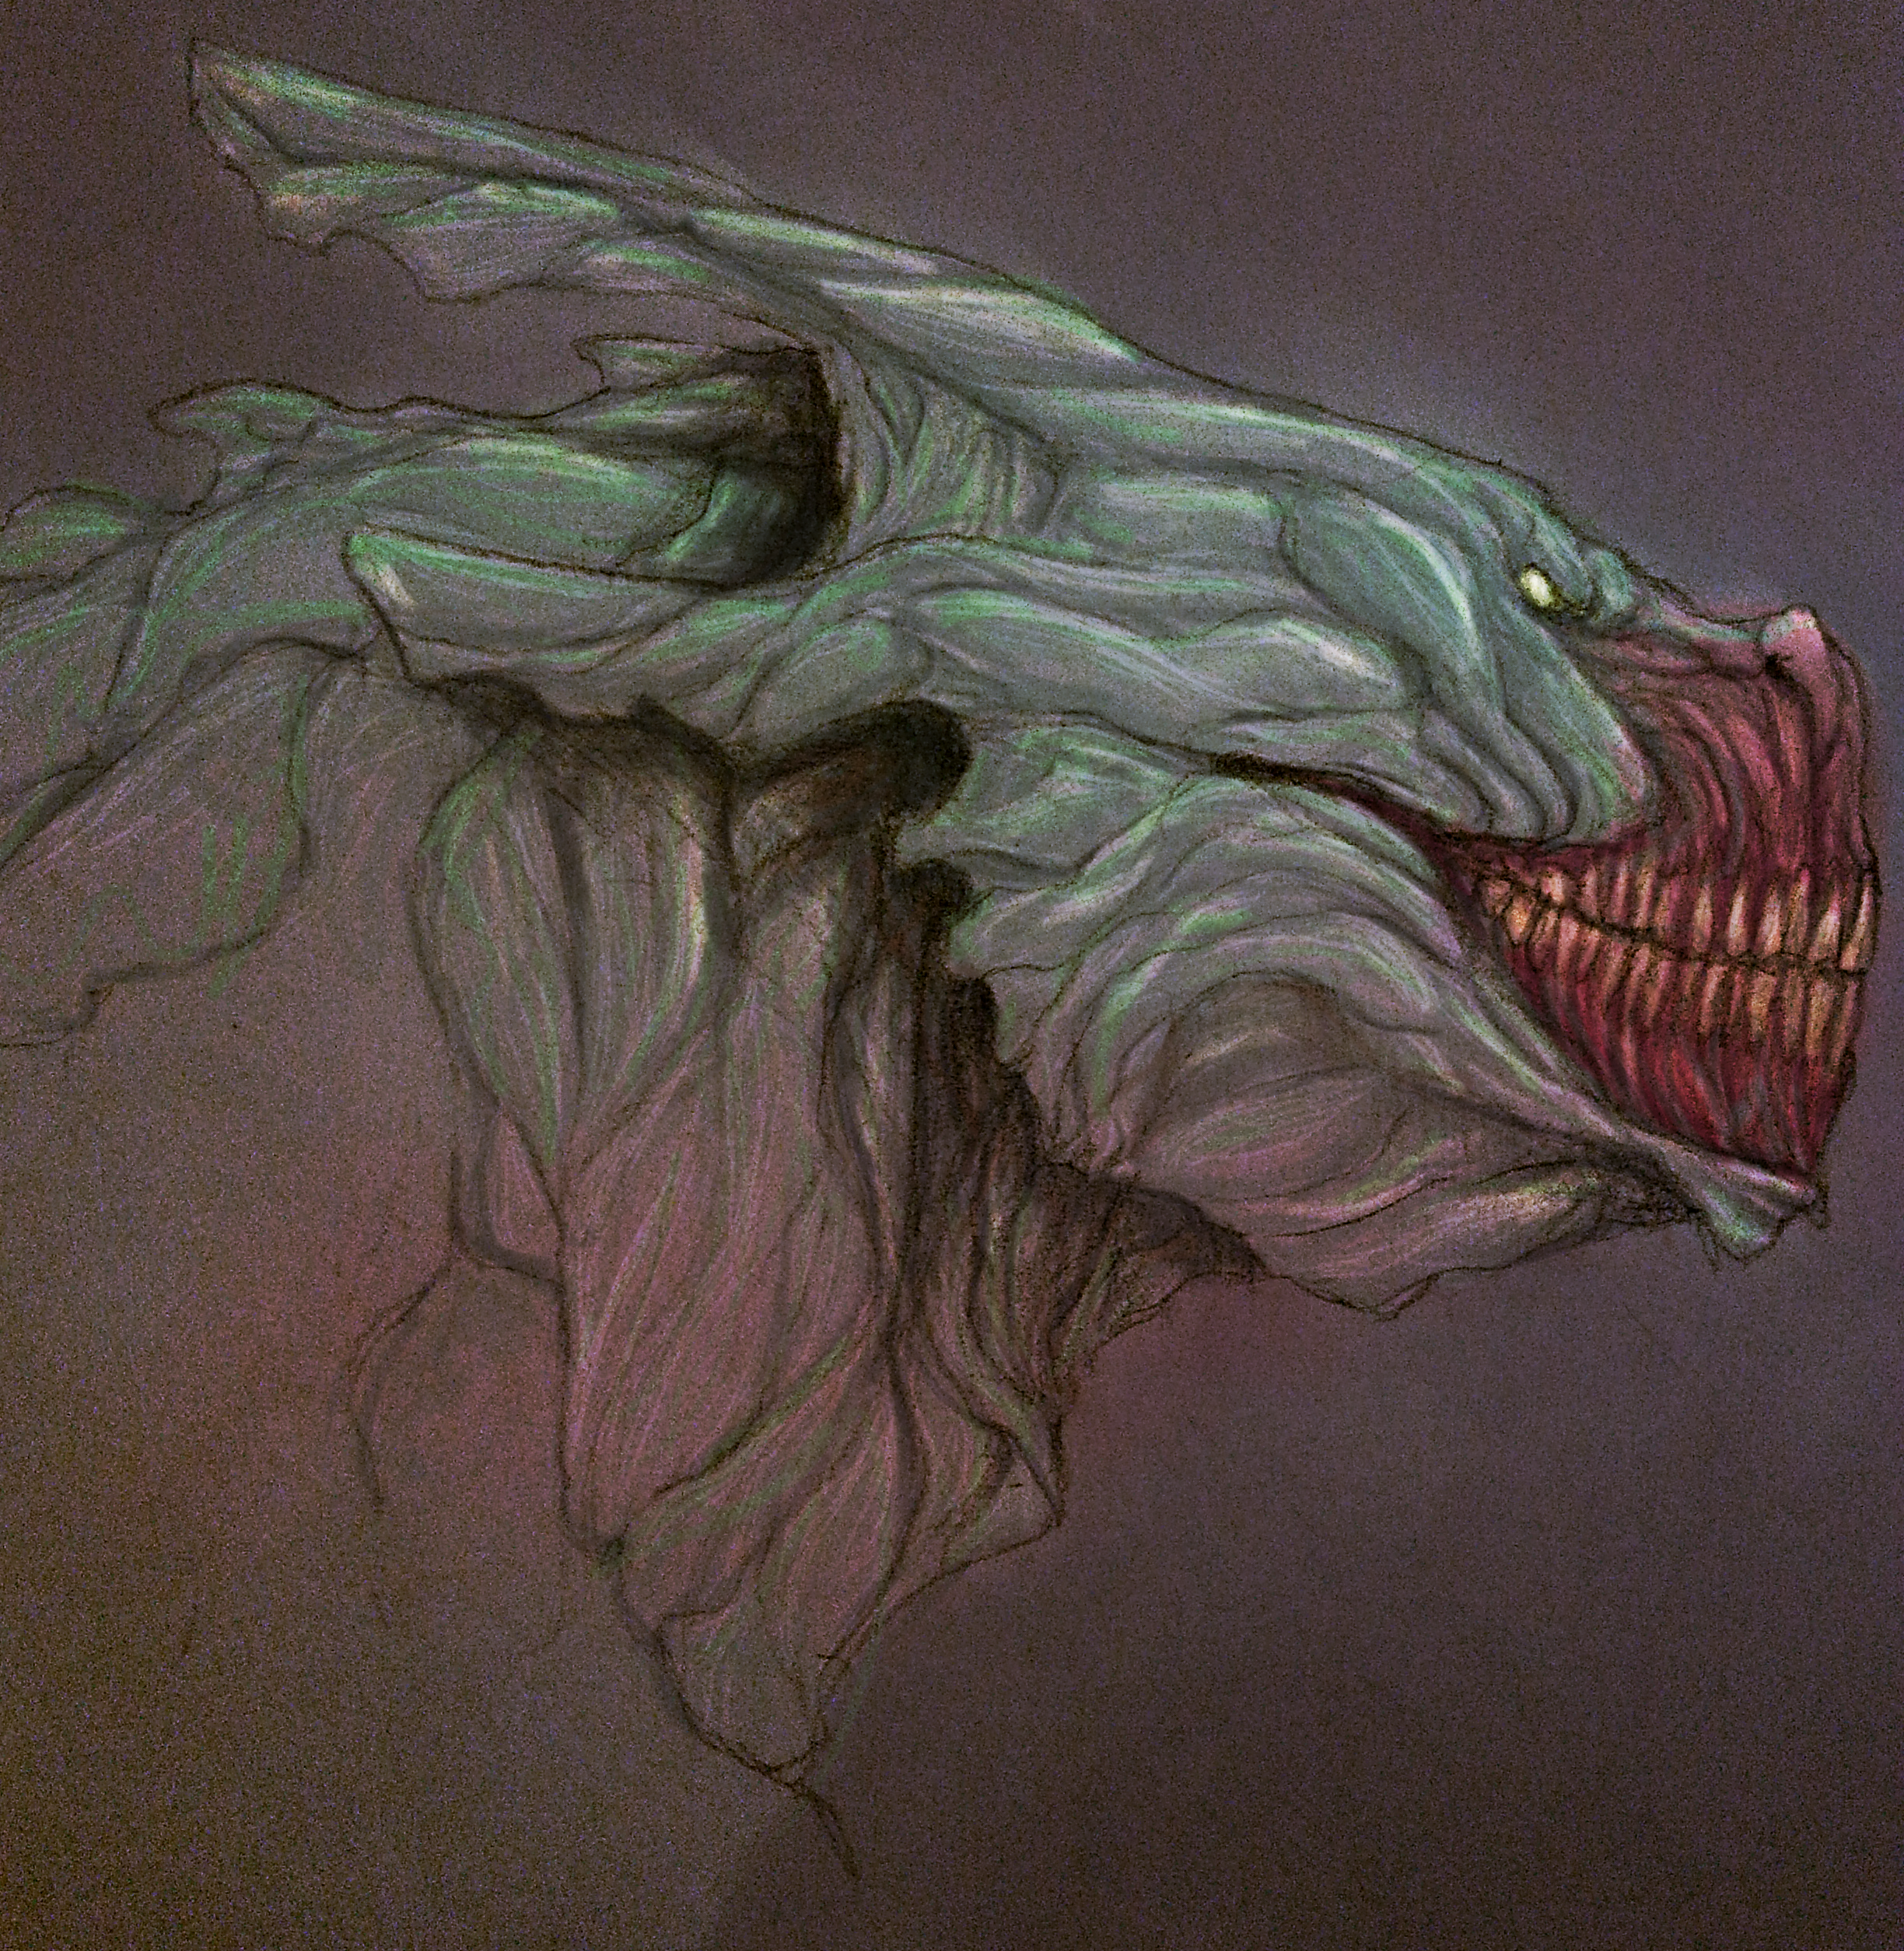 5. Zhe Flesh Burns by Spastical-Hyena